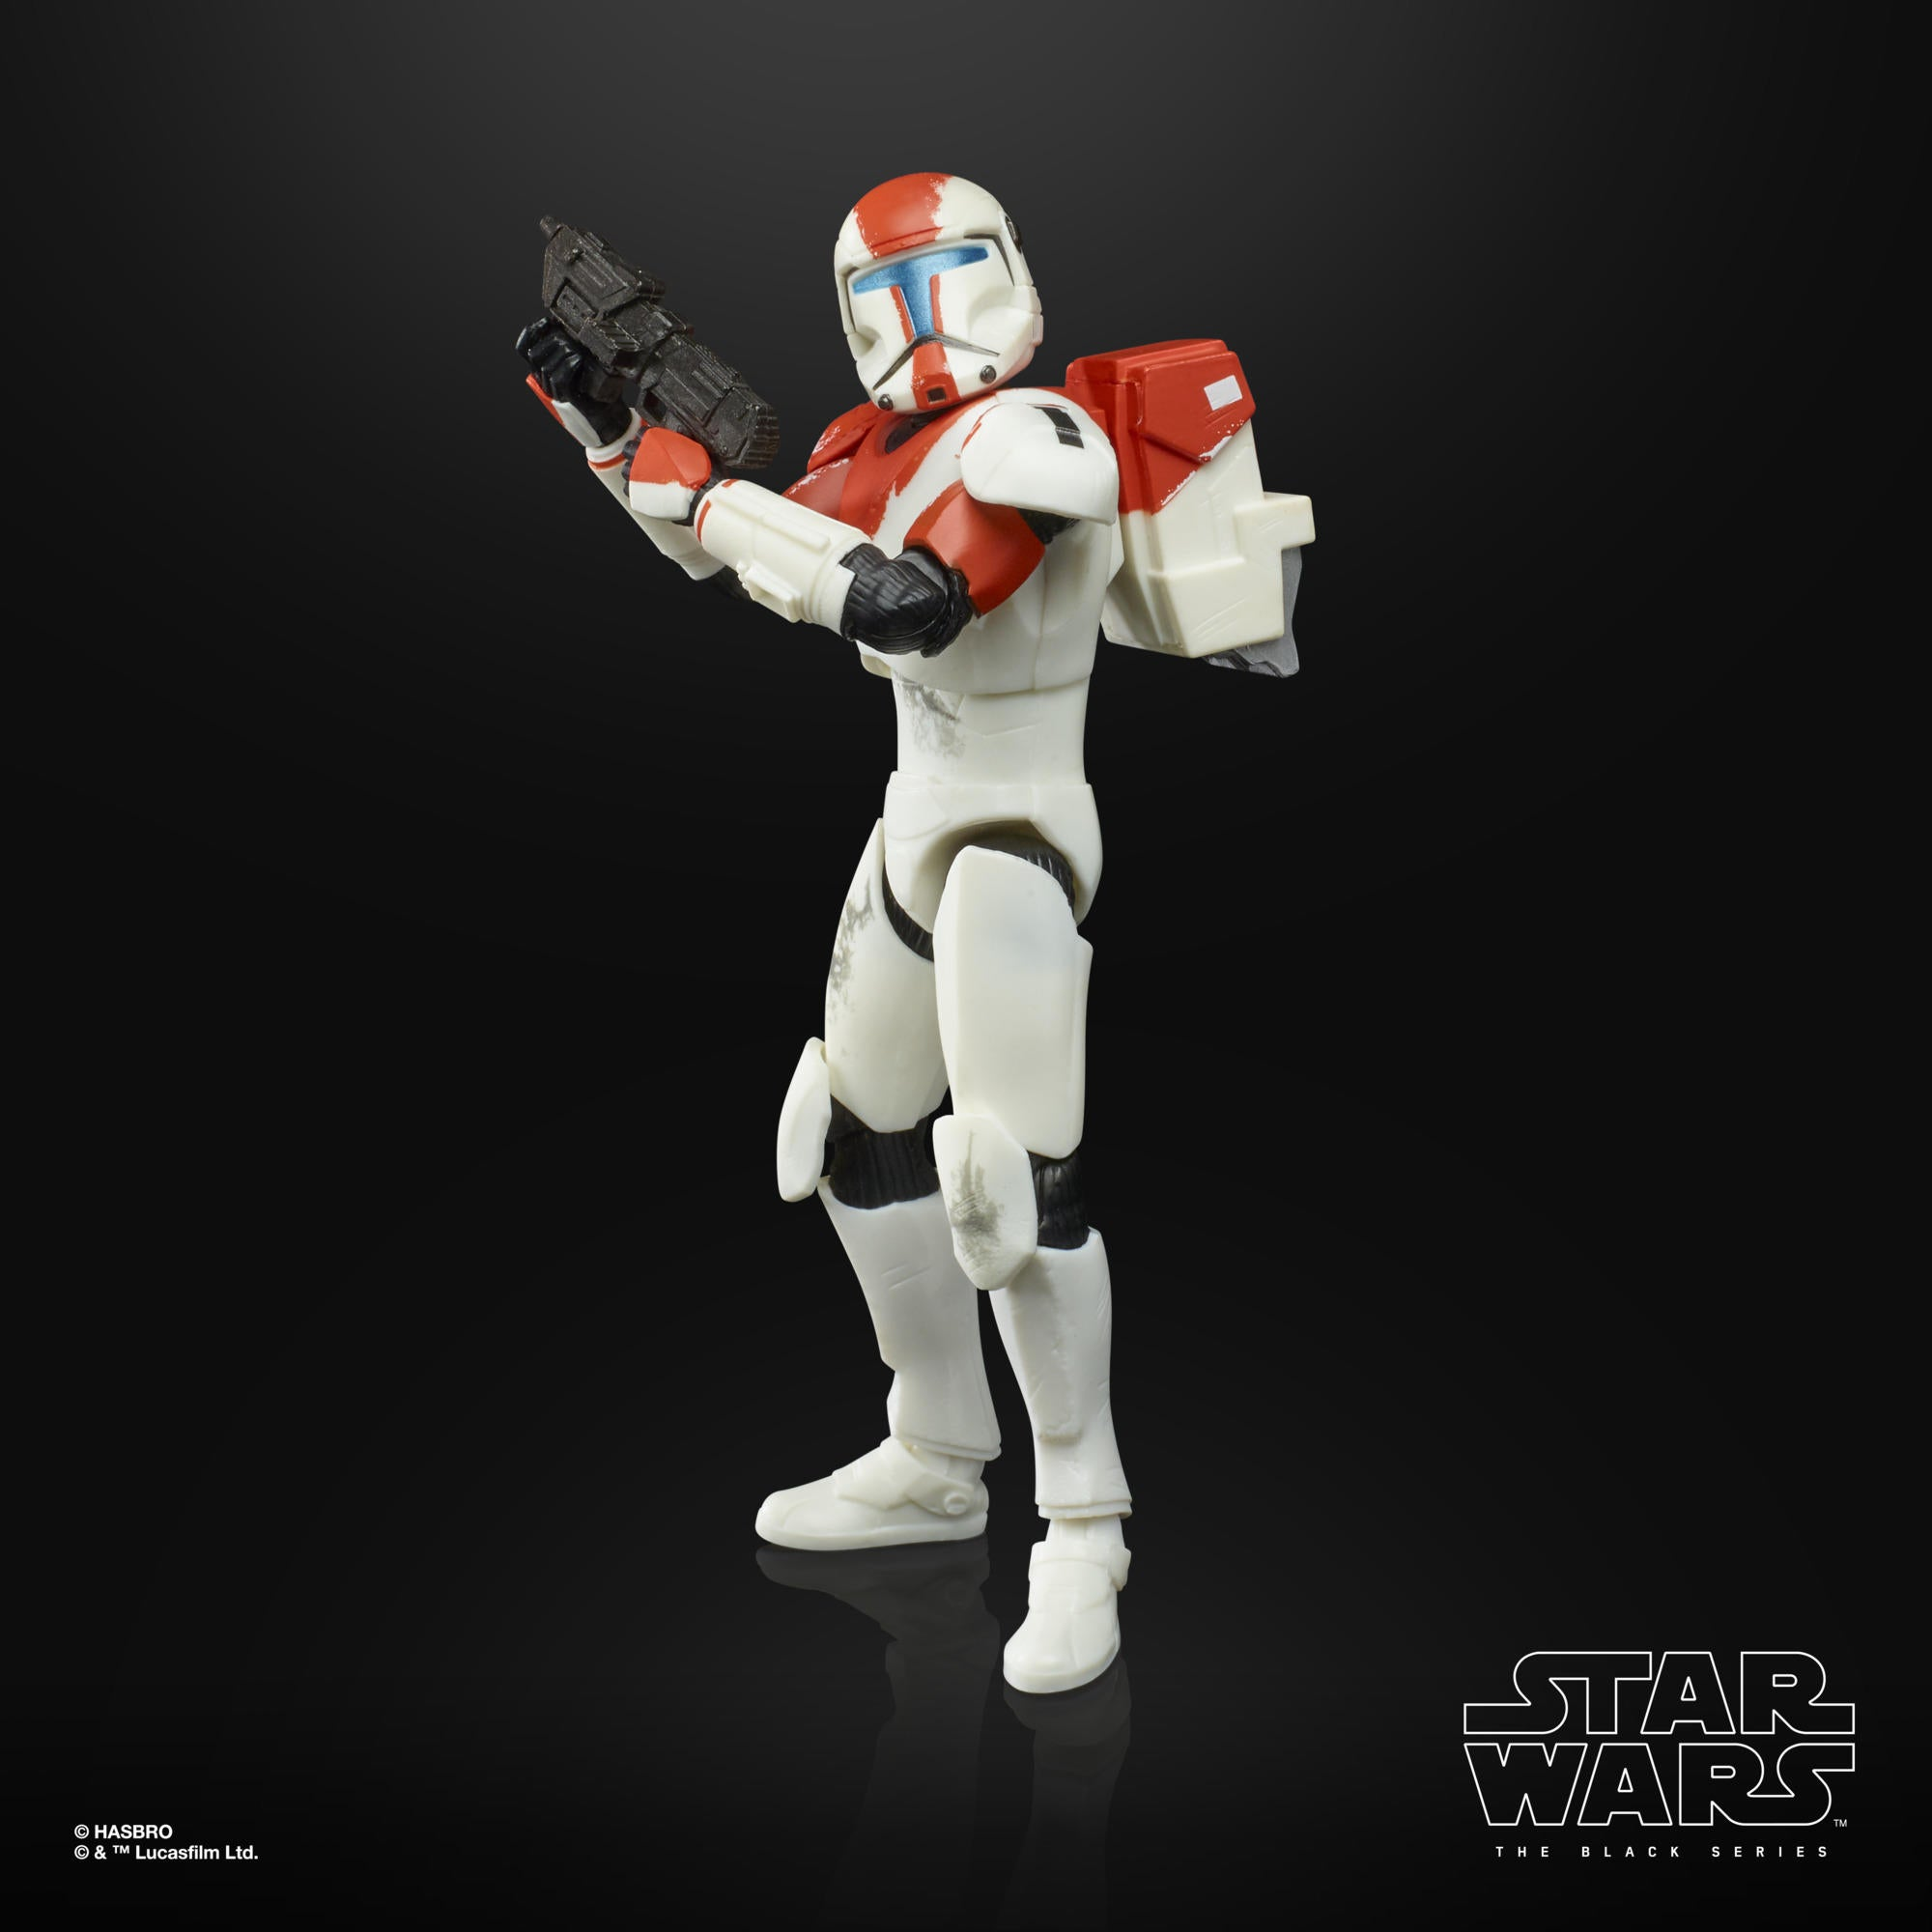 star-wars-the-black-series-gaming-greats-6-inch-rc-1138-boss-figure-oop-1.jpg